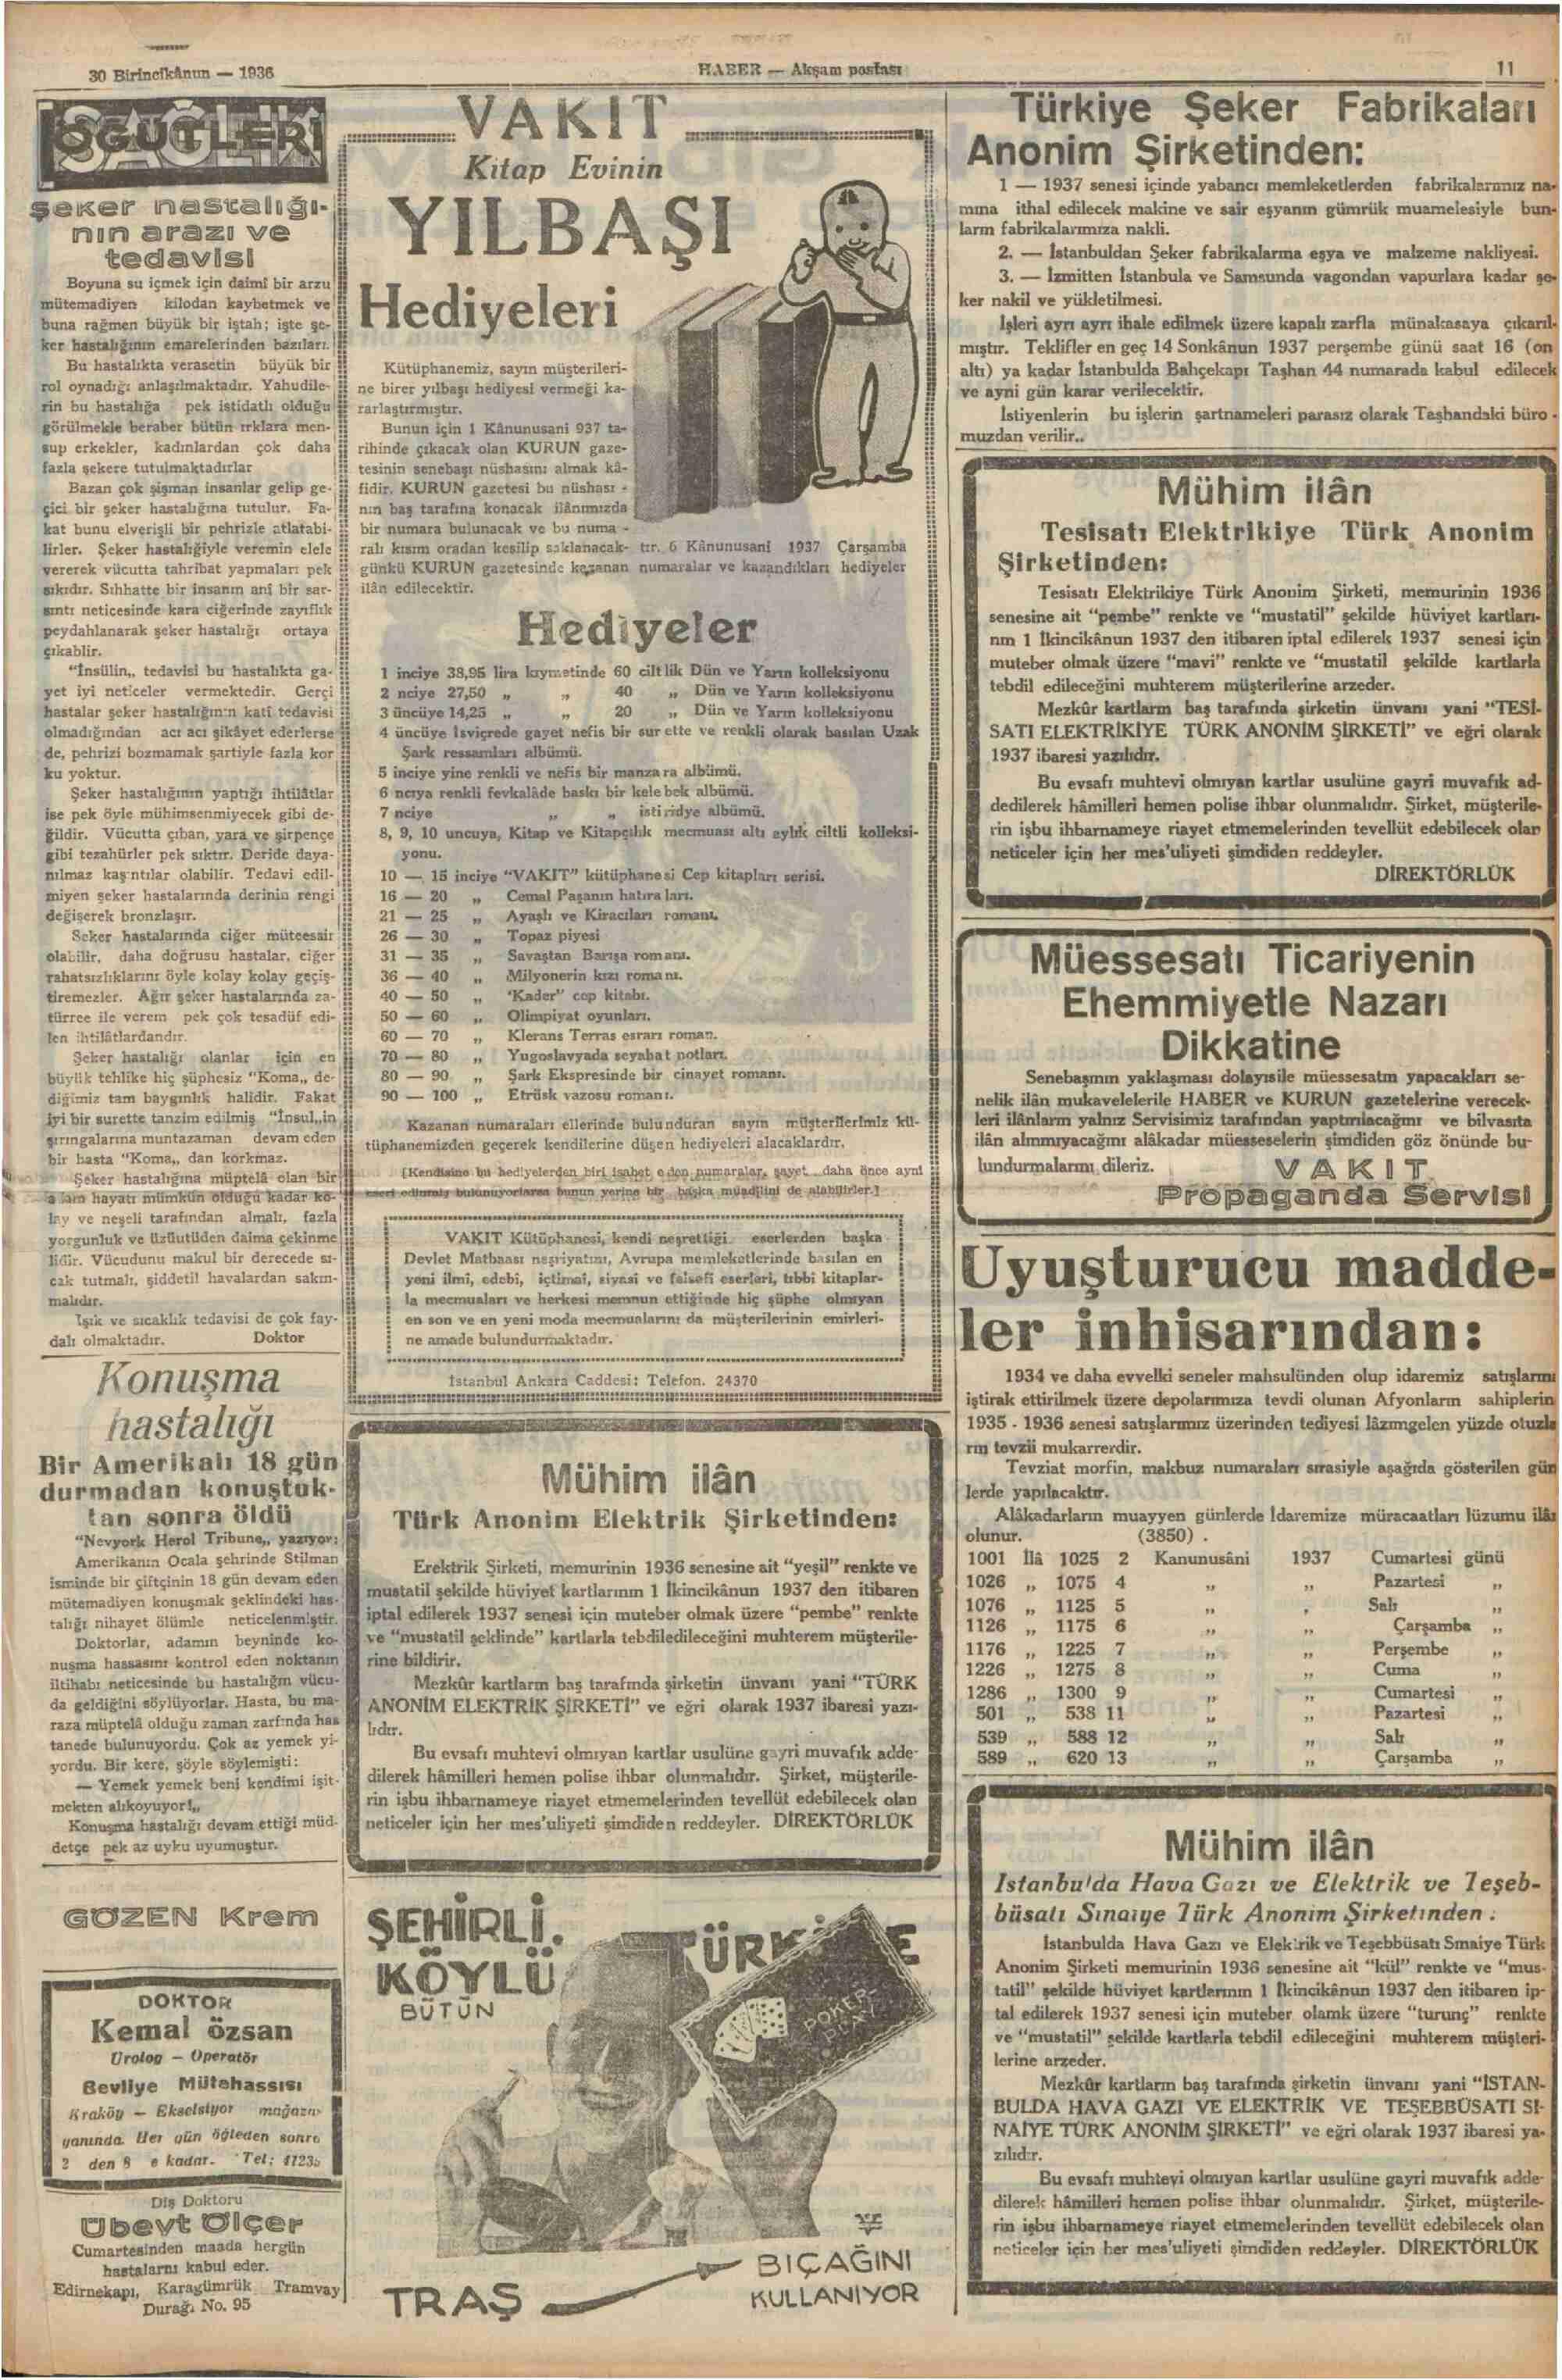 30 Aralık 1936 Tarihli Haber Gazetesi Sayfa 11